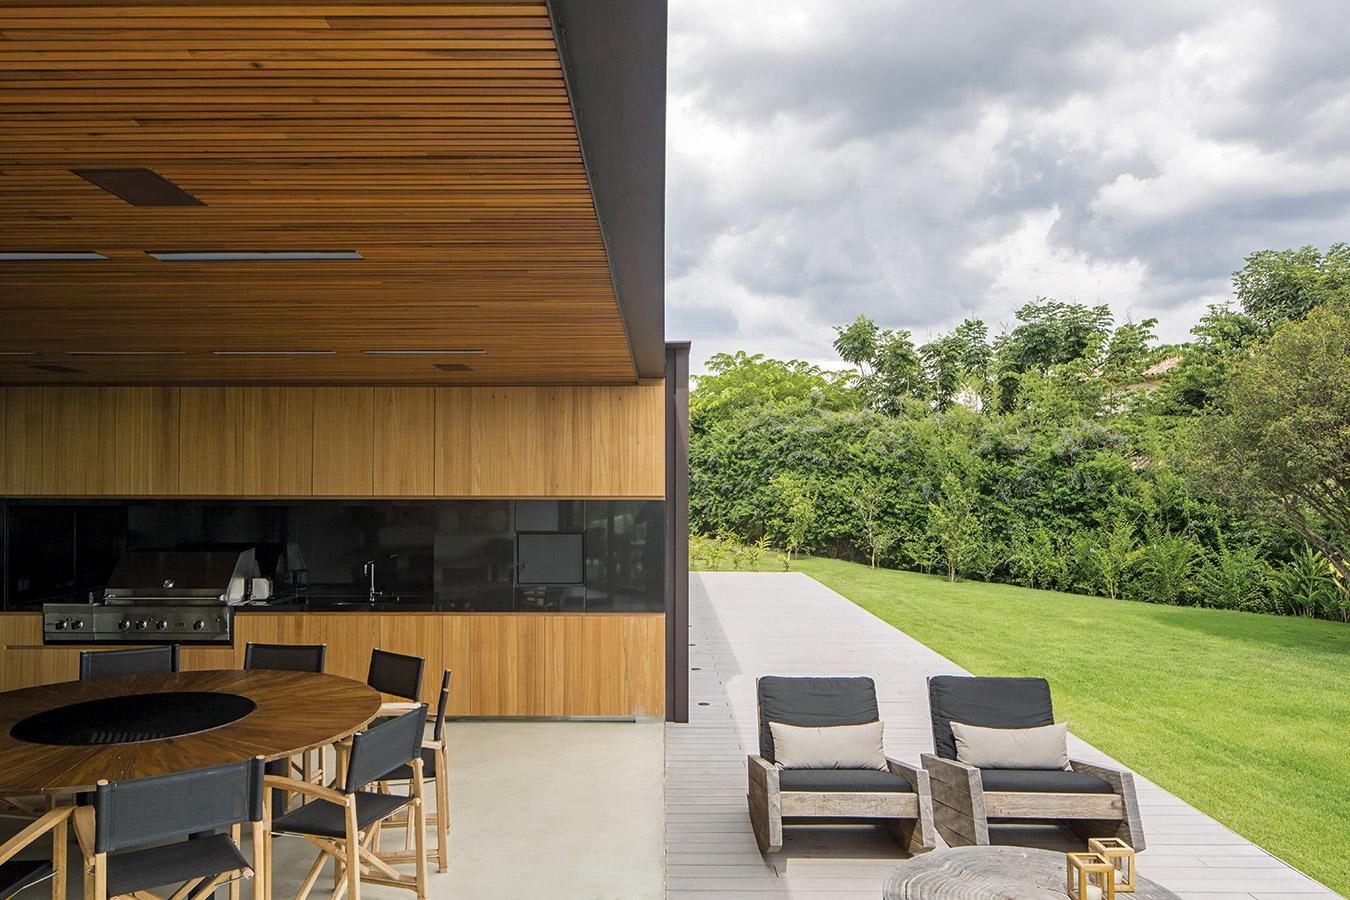 Un espacio de barbacoa al aire libre articula el cuerpo central con el ala oriental para absorber la diferencia de ángulo entre los dos. El equipamiento exterior sobre el deck fue diseñado por Carlos Mota.